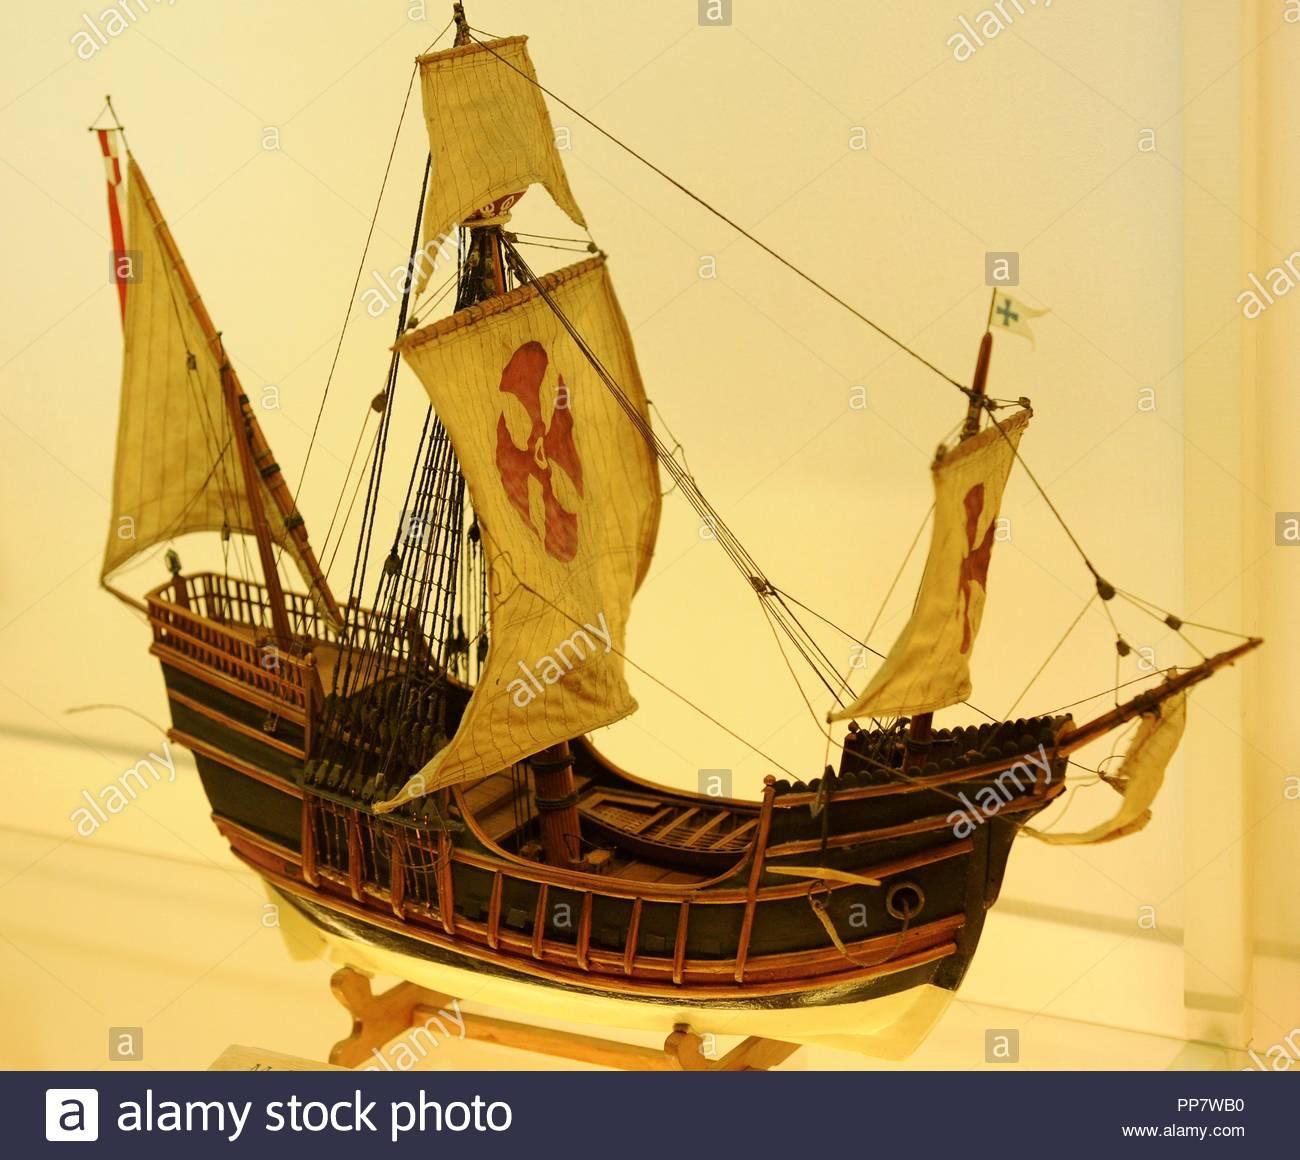 Historia De La Navegacion Edad Moderna Siglos Xv Xvi Europa